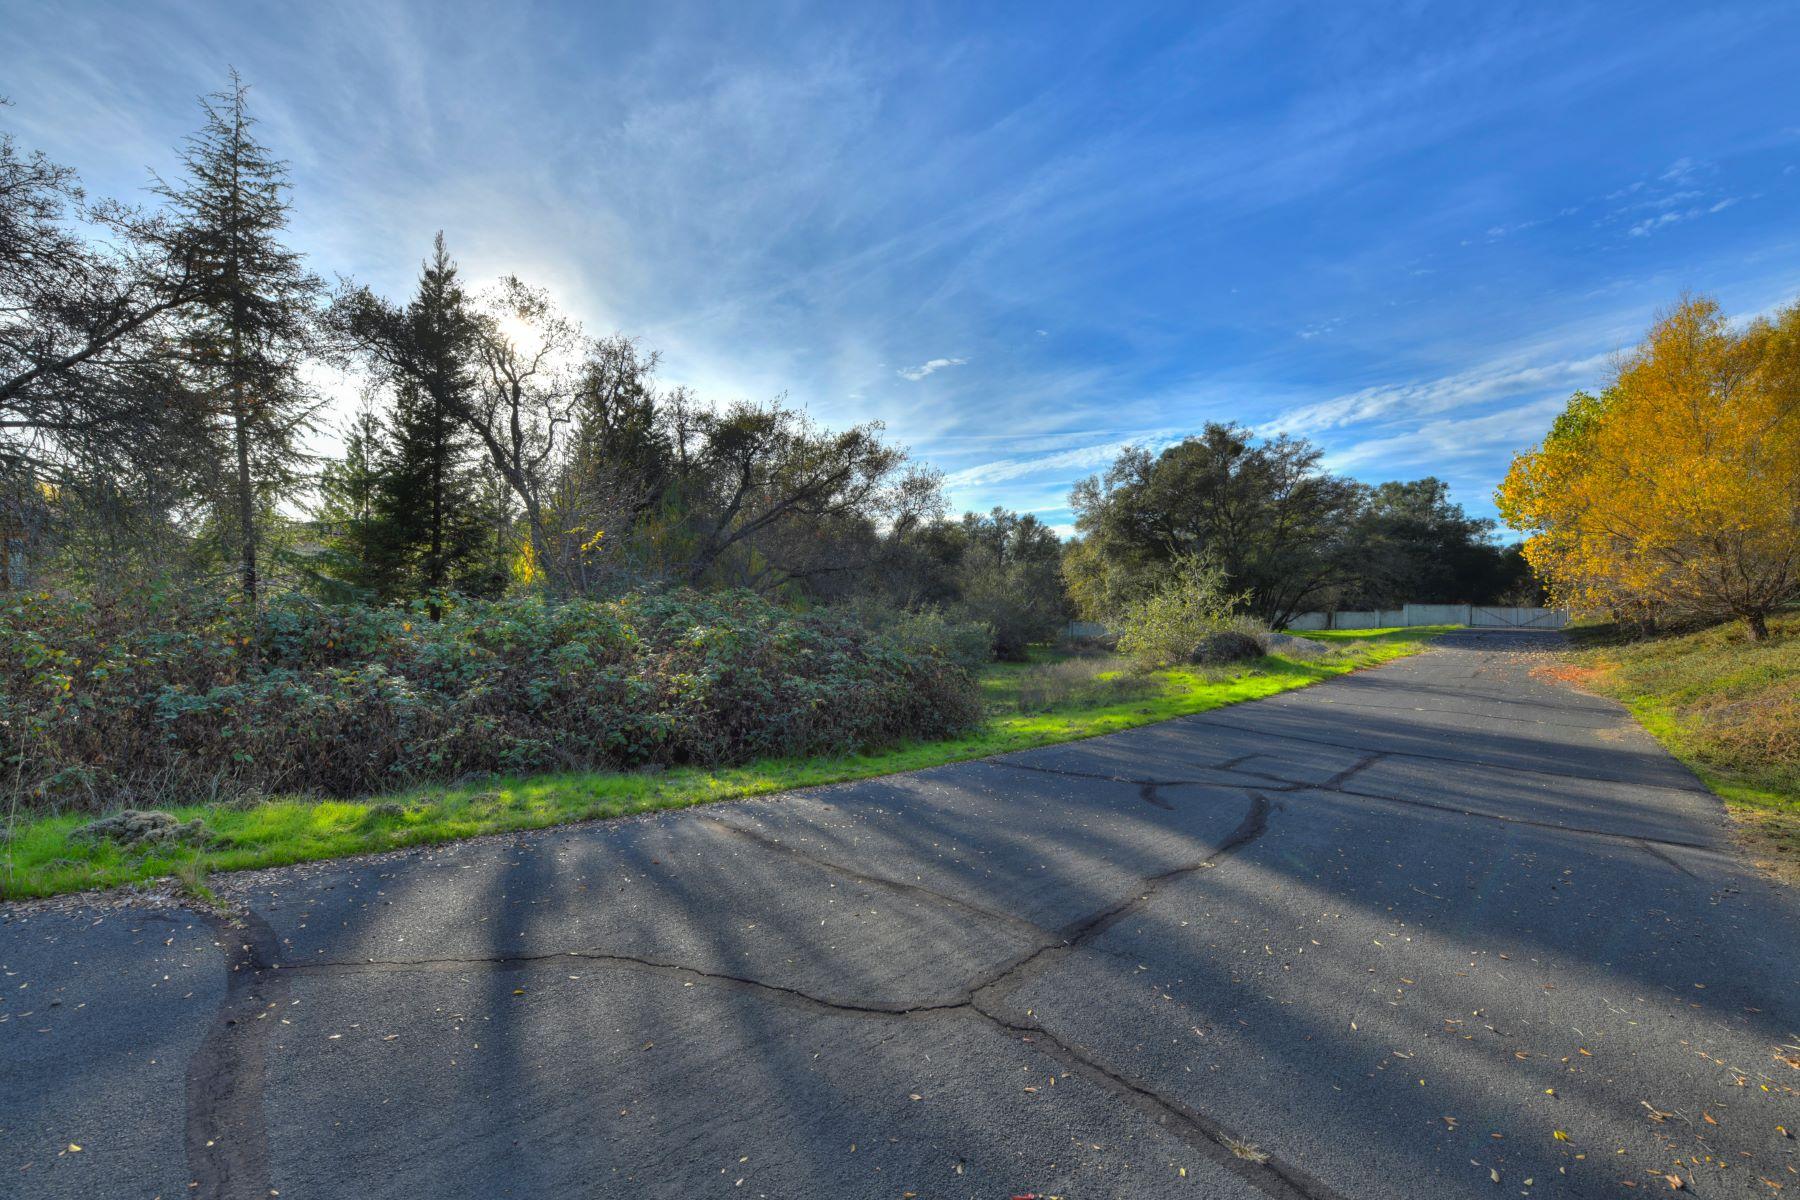 Land for Sale at Camino Del Avion 9070 Camino Del Avion Granite Bay, California 95746 United States